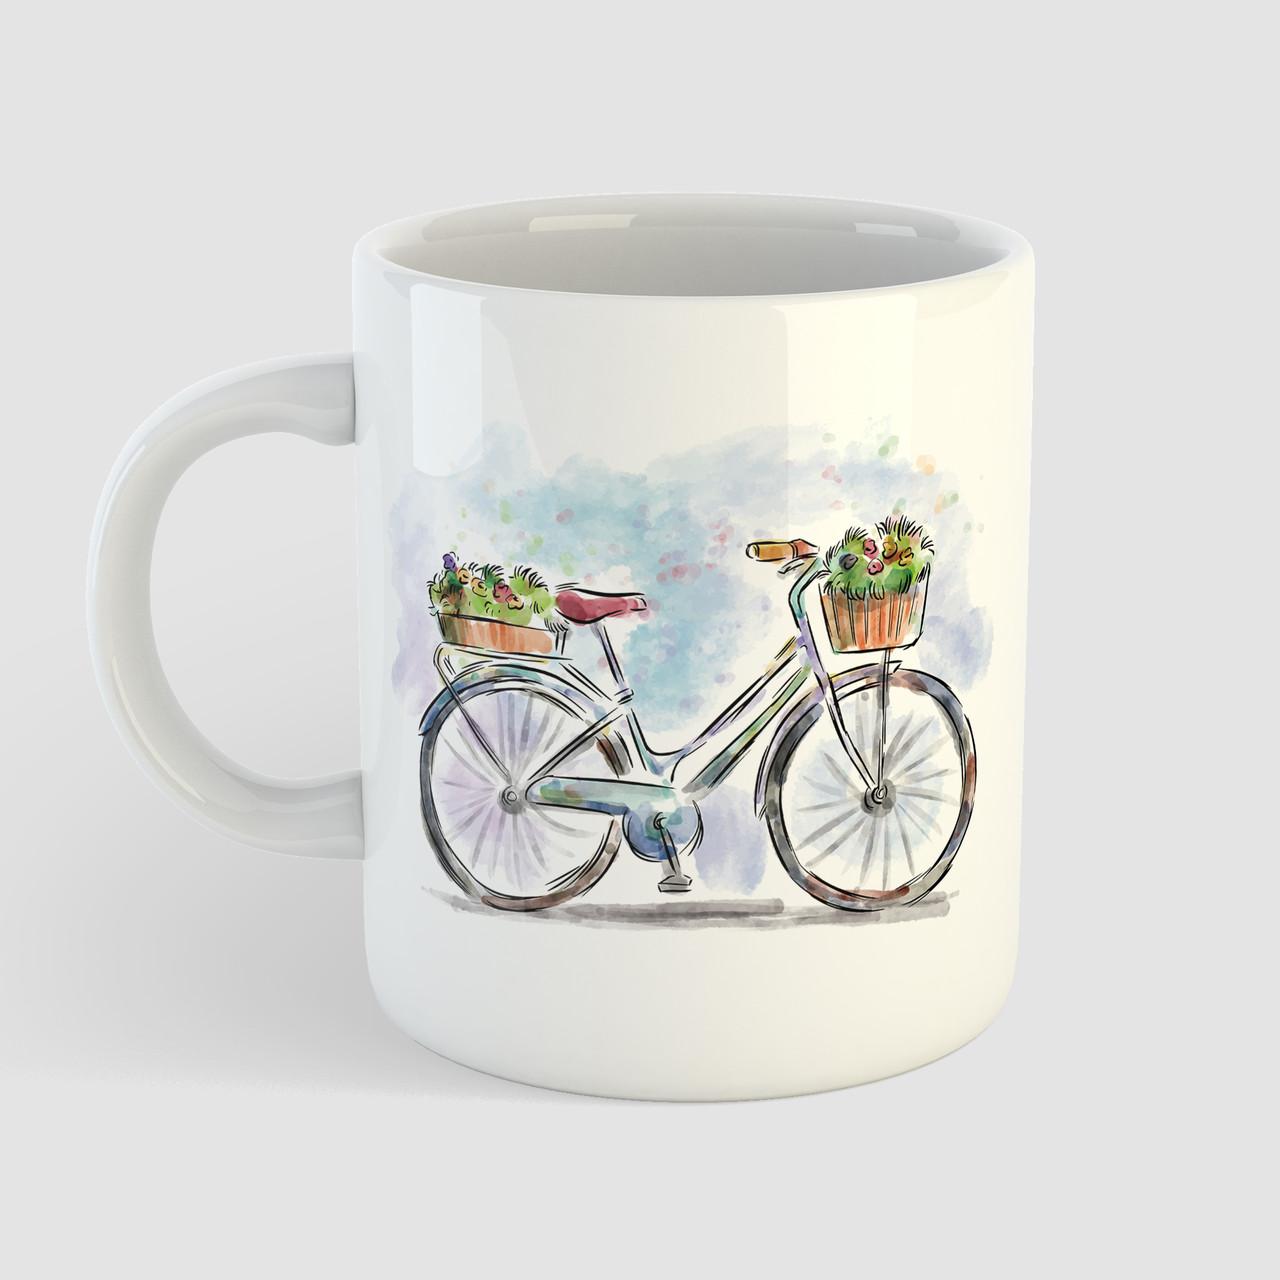 Кружка с принтом Велосипед арт 2. Чашка с фото